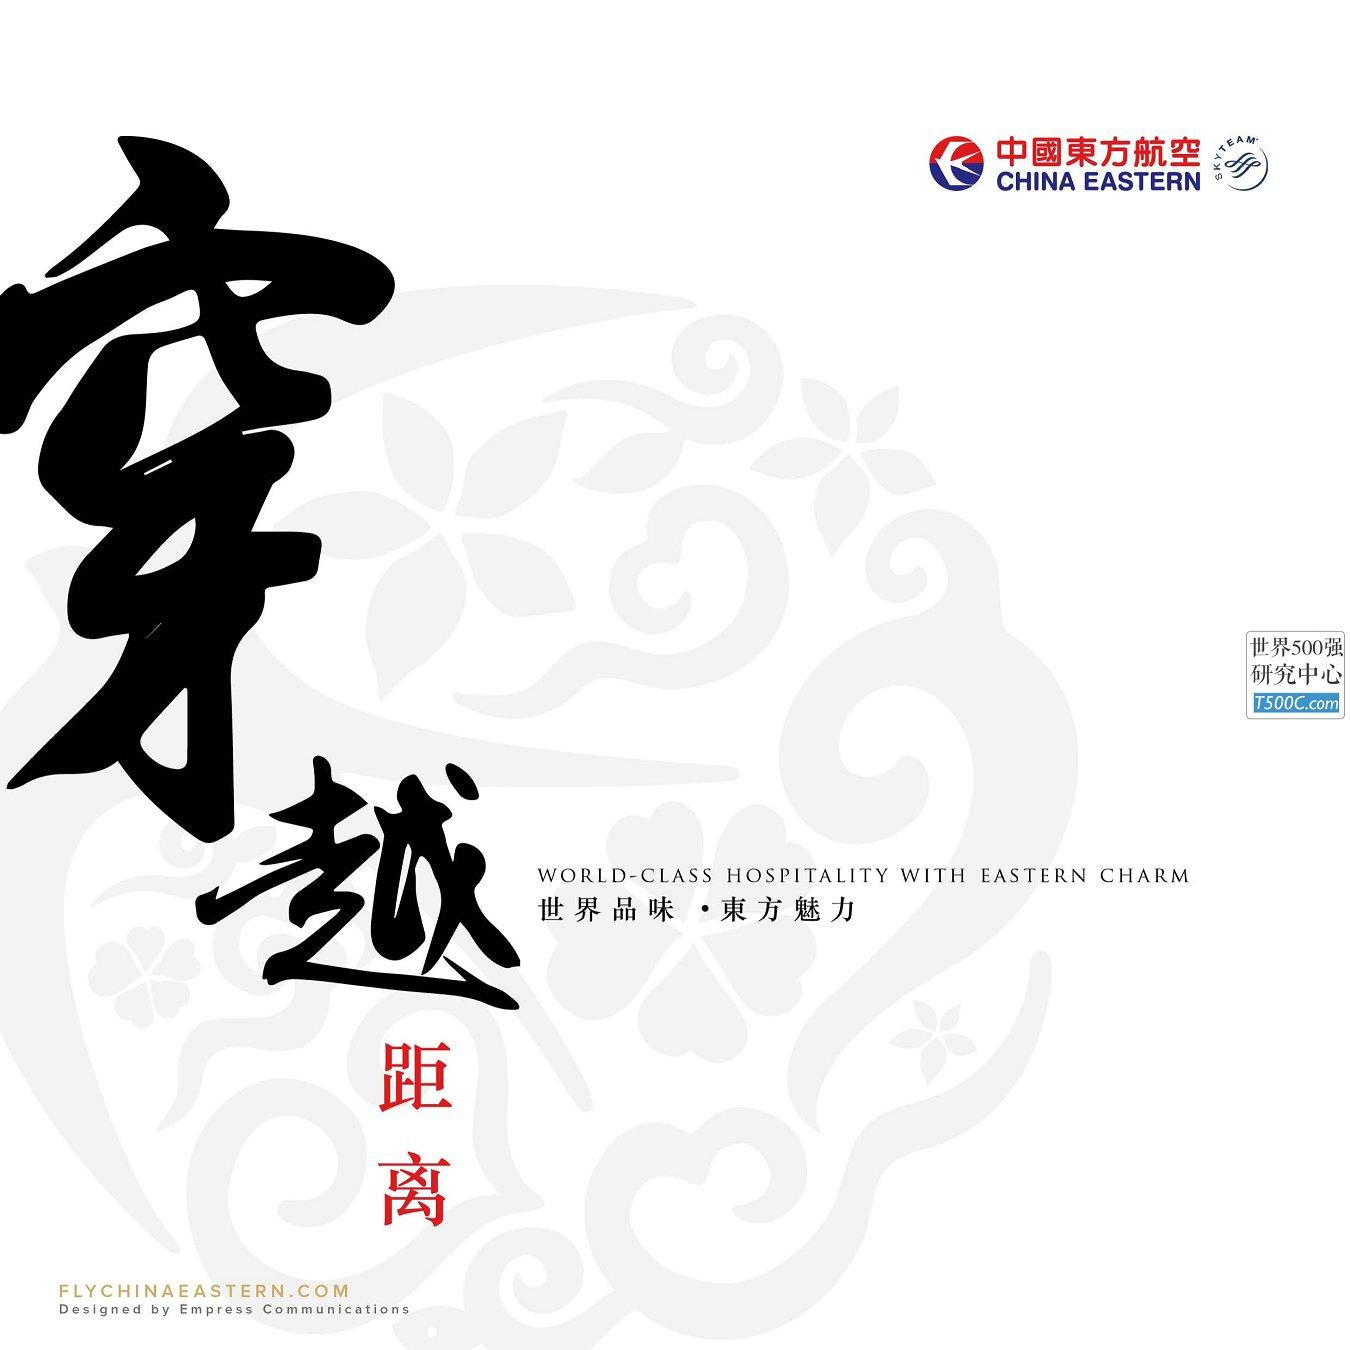 中国东方航空_中文宣传册_t500c.com_加拿大航线宣传册.pdf